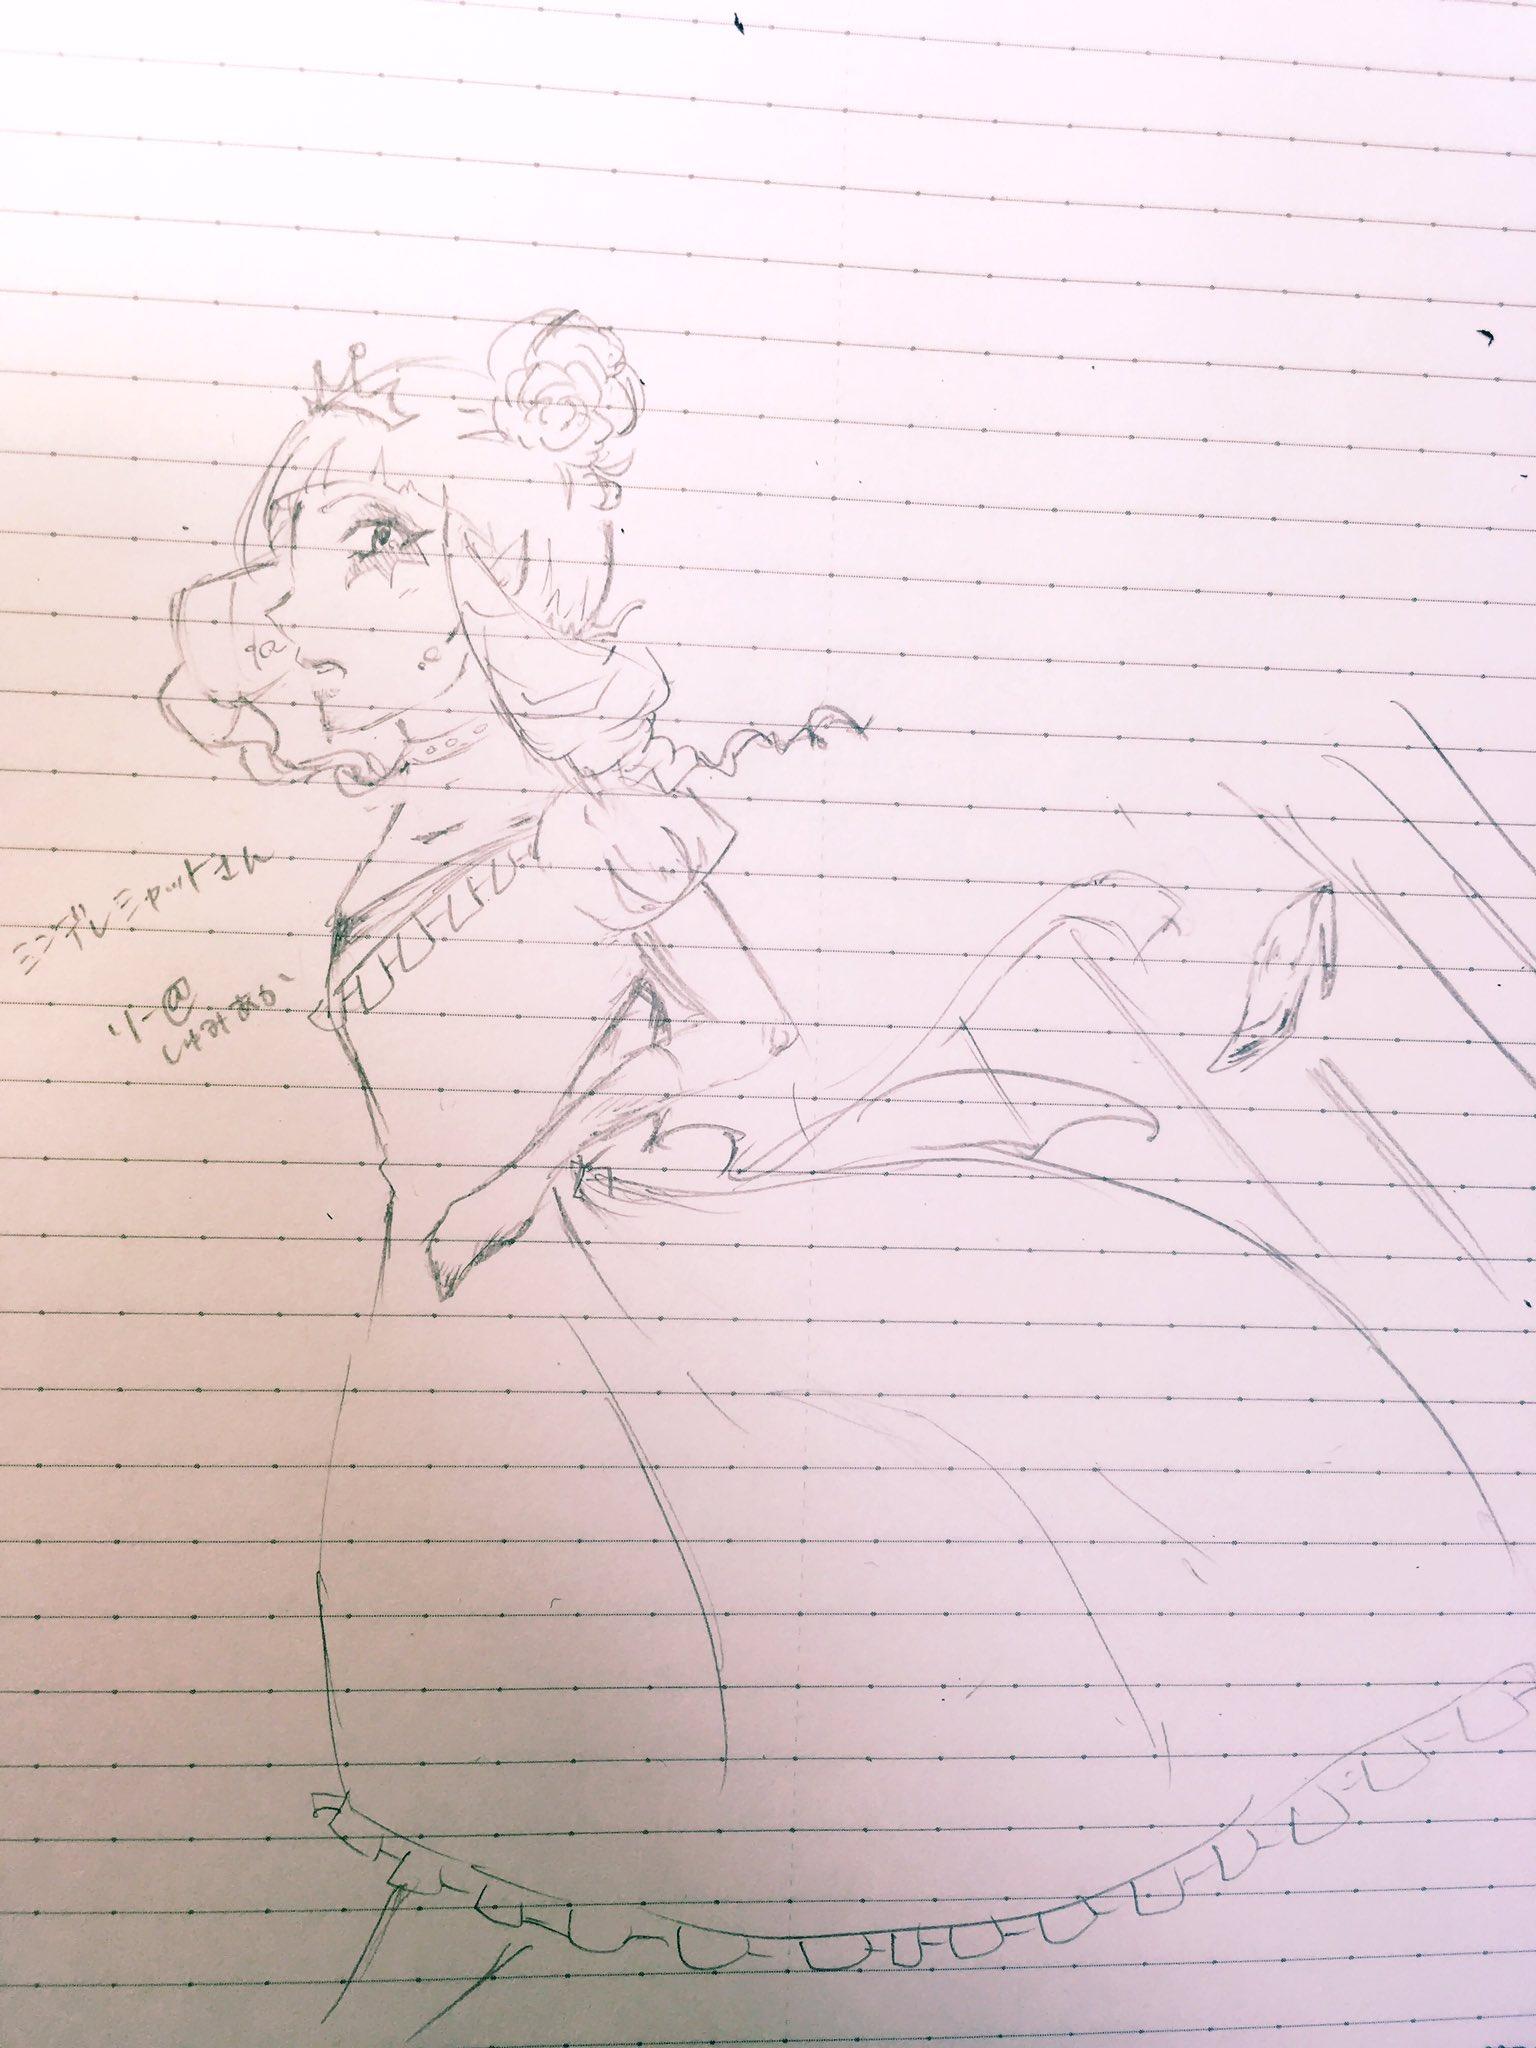 りー@趣味アカ (@K6_ara5nino)さんのイラスト